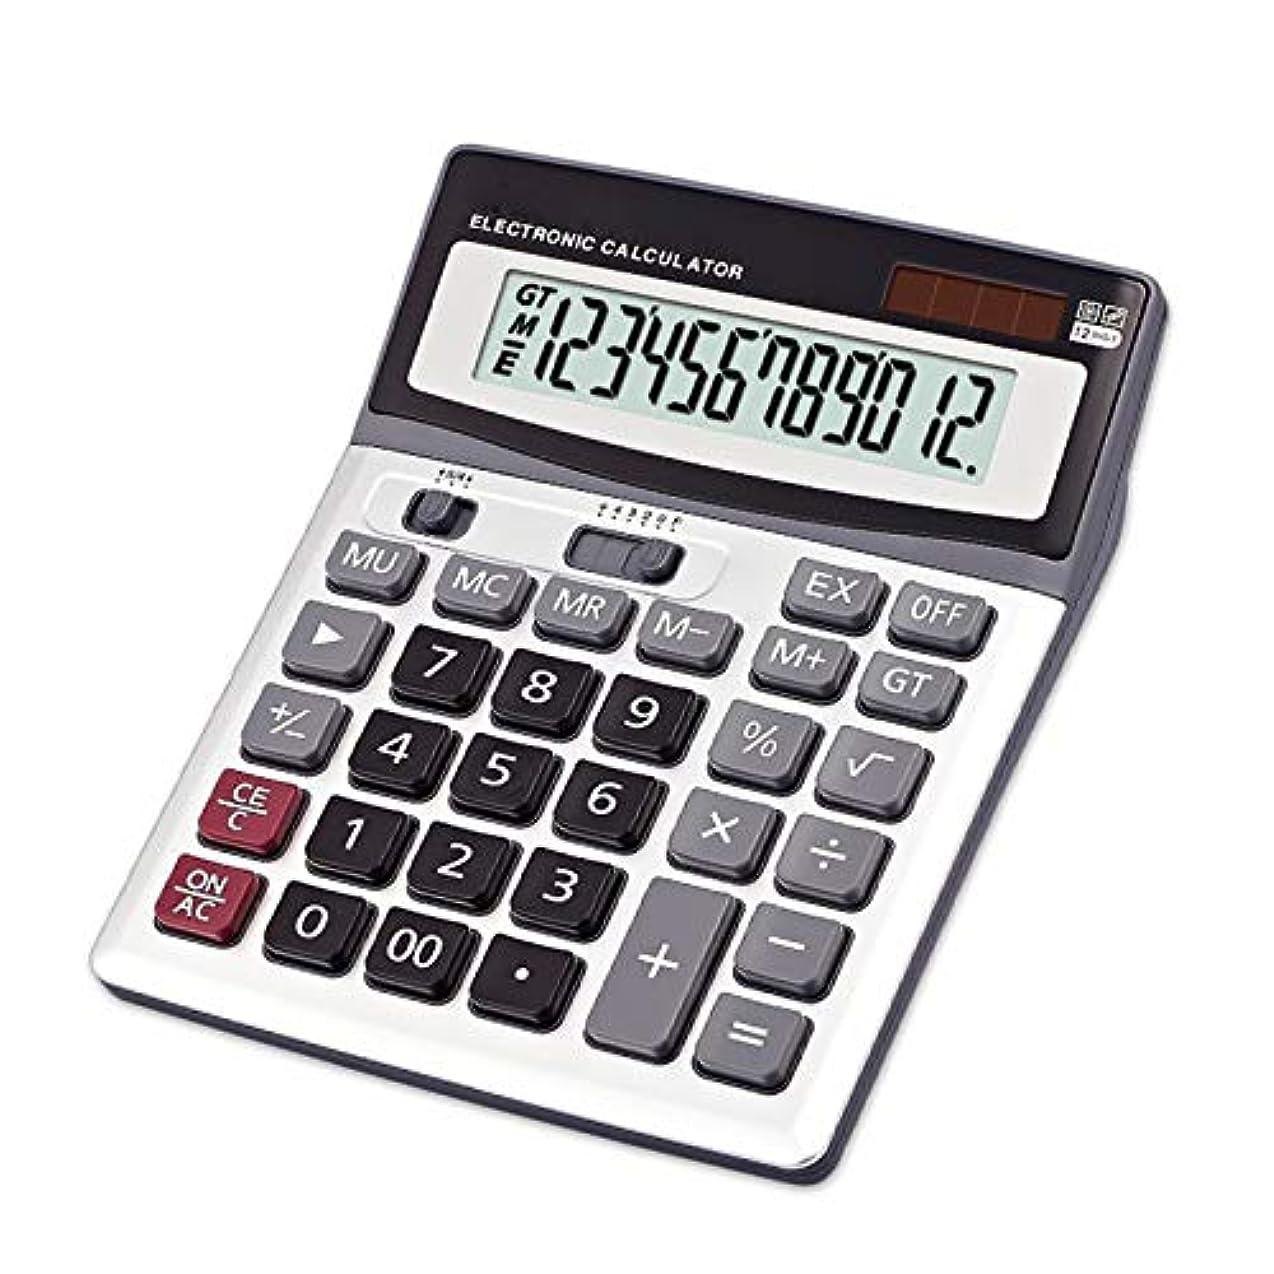 フェードこしょう肉屋電卓 デスクトップ 12桁 標準機能 デュアルパワー 多機能 ビッグボタン オフィスや学生用